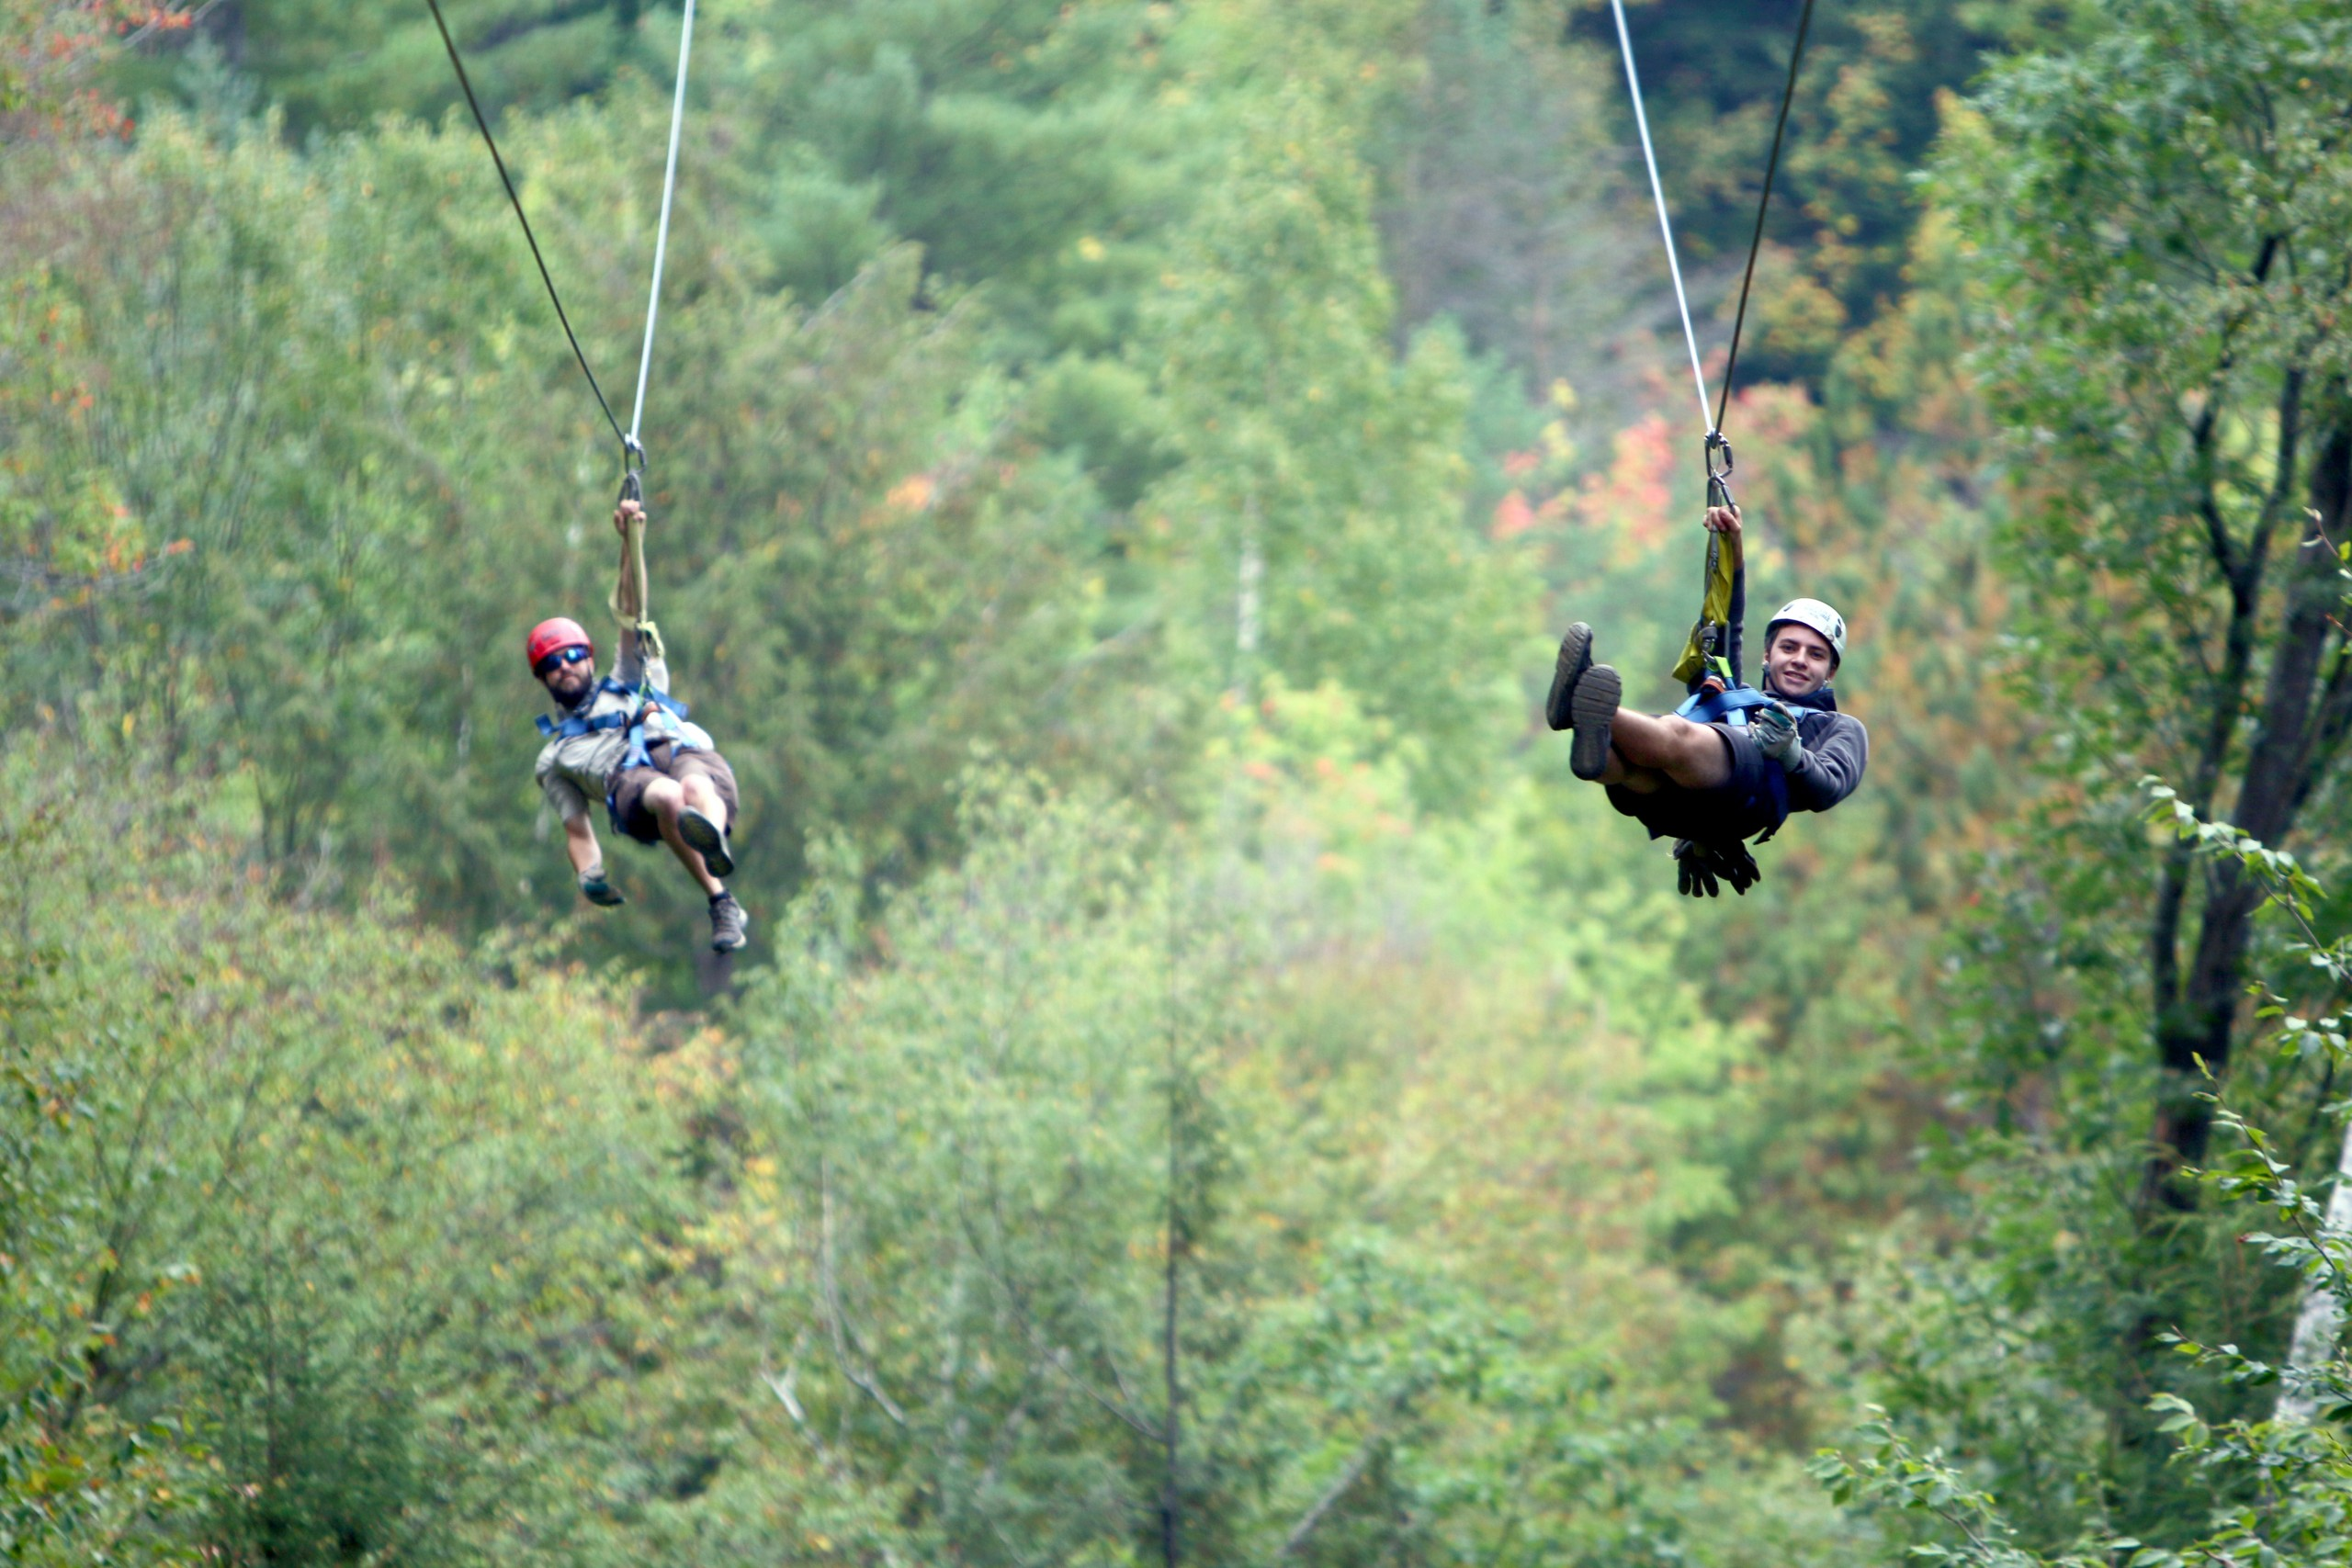 Dual Ziplining